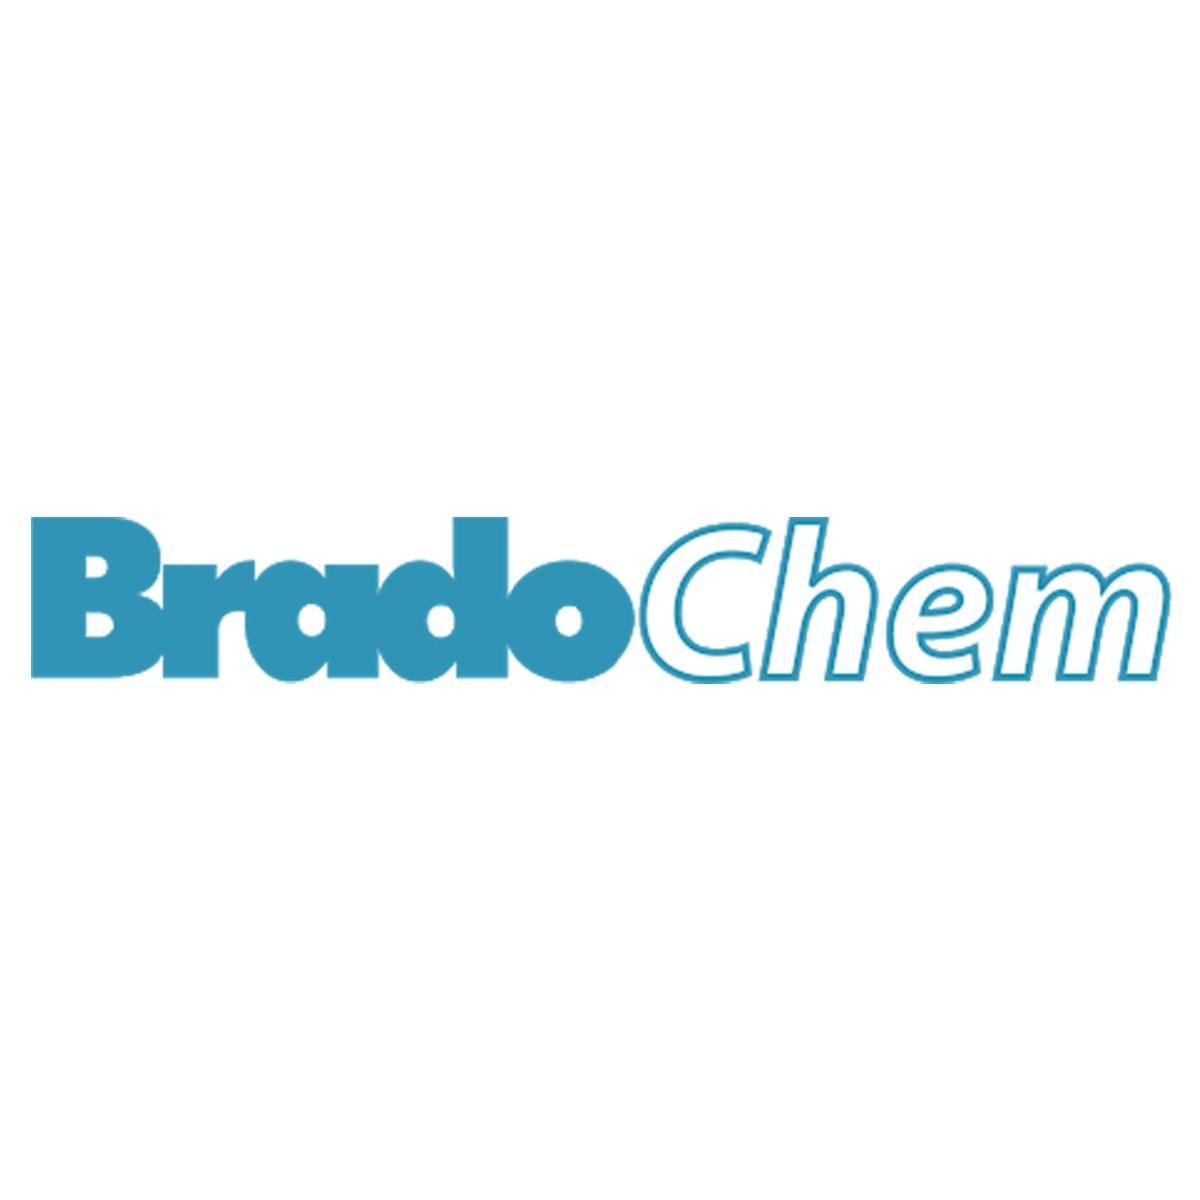 Bradochem